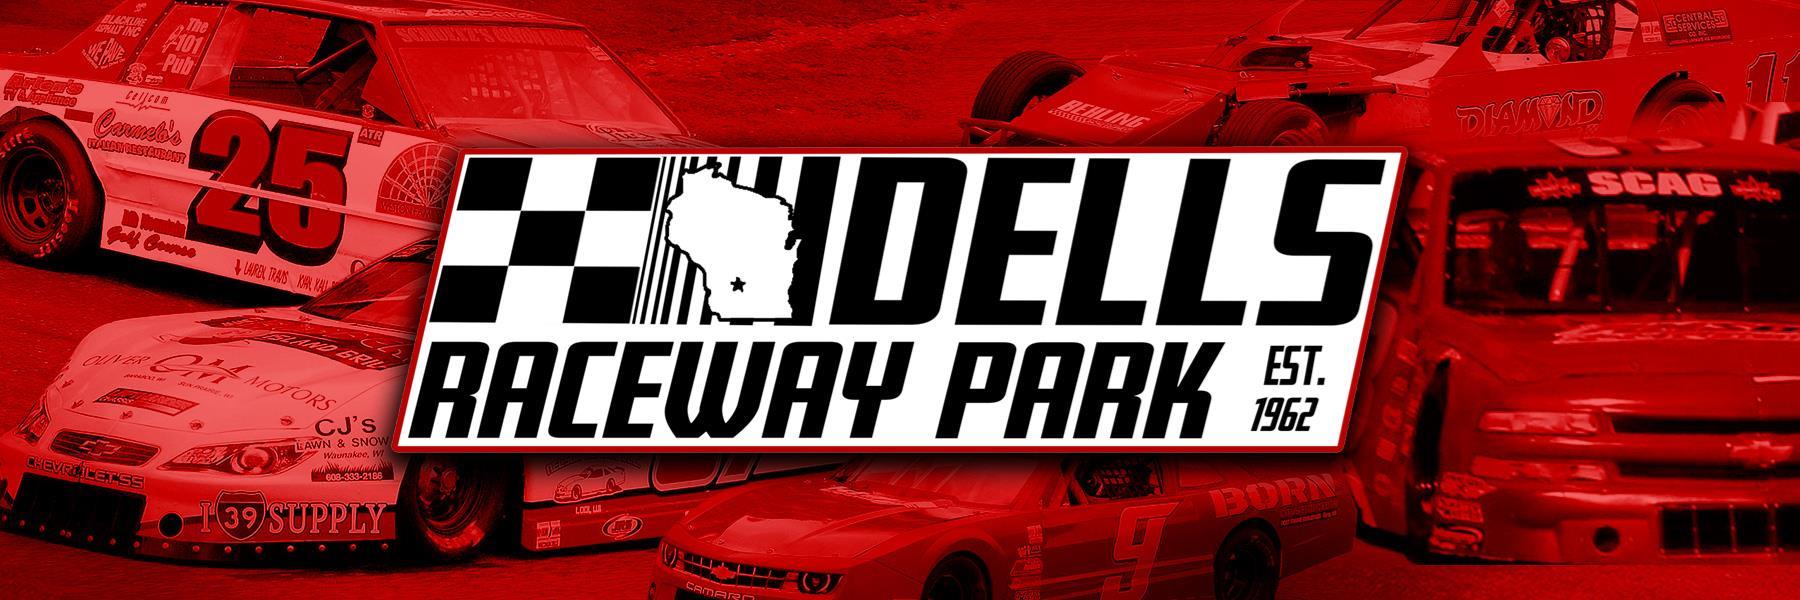 Dells Raceway Park